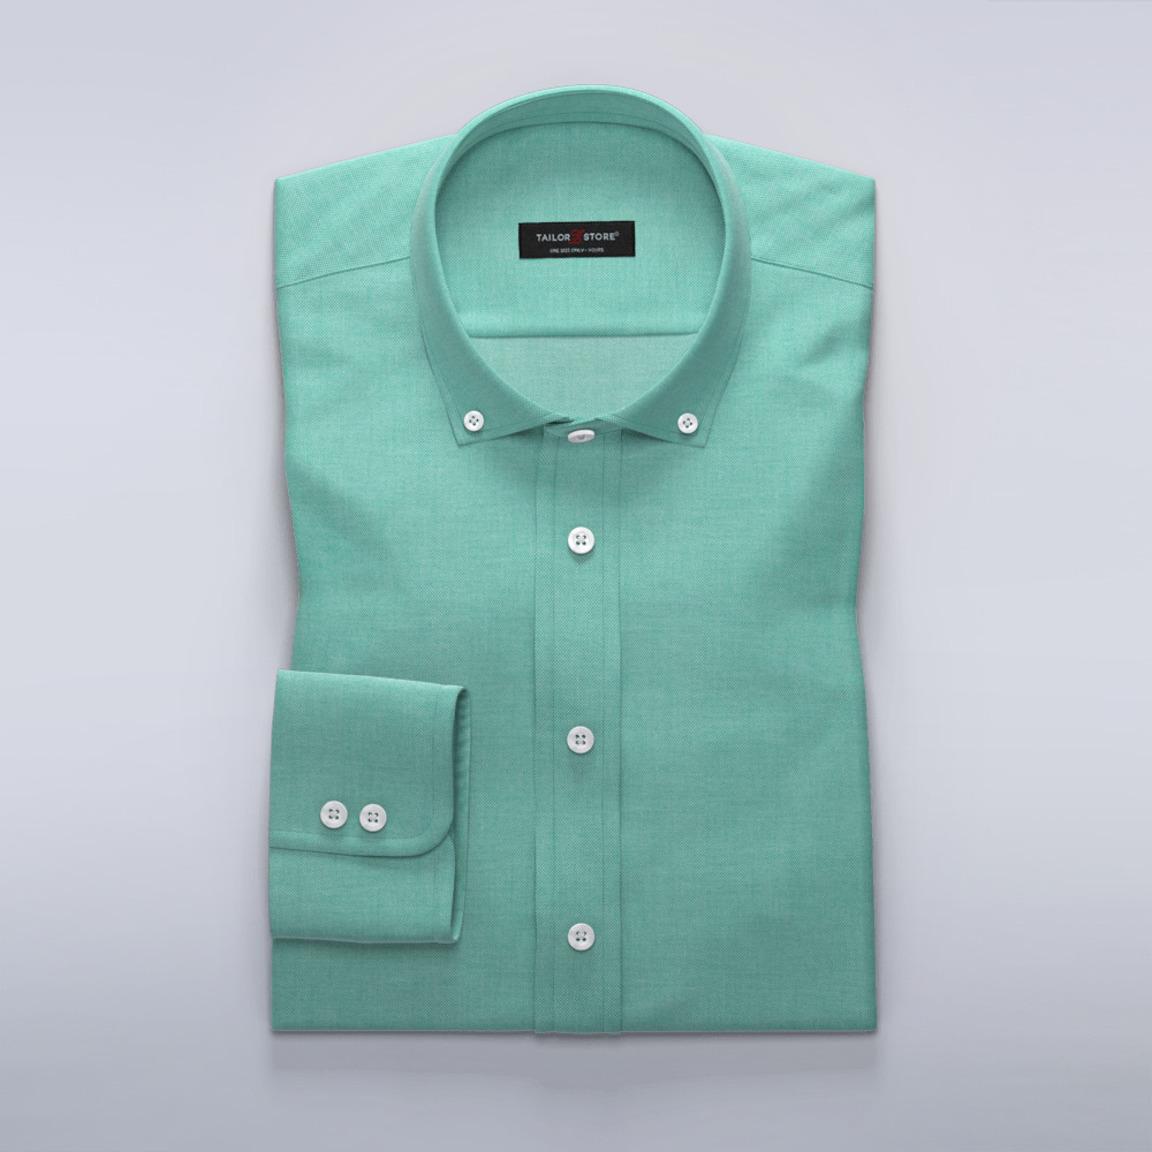 Business-Hemd für Damen aus leichtem grünen Ratière-Gewebe